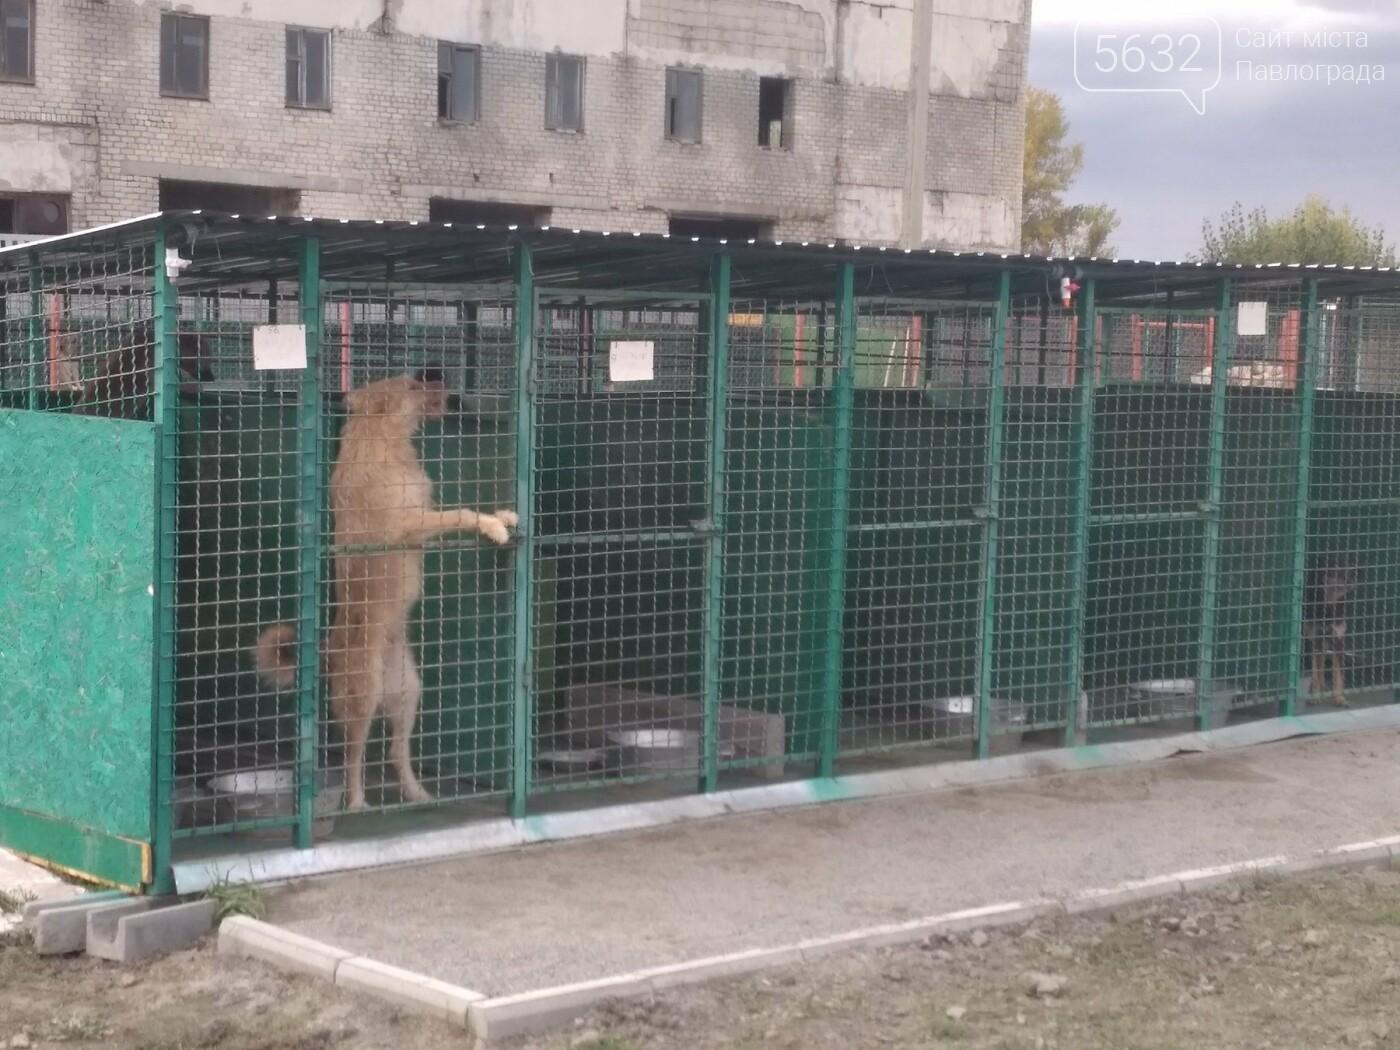 Учні павлоградської школи відвідали собачій притулок, фото-4